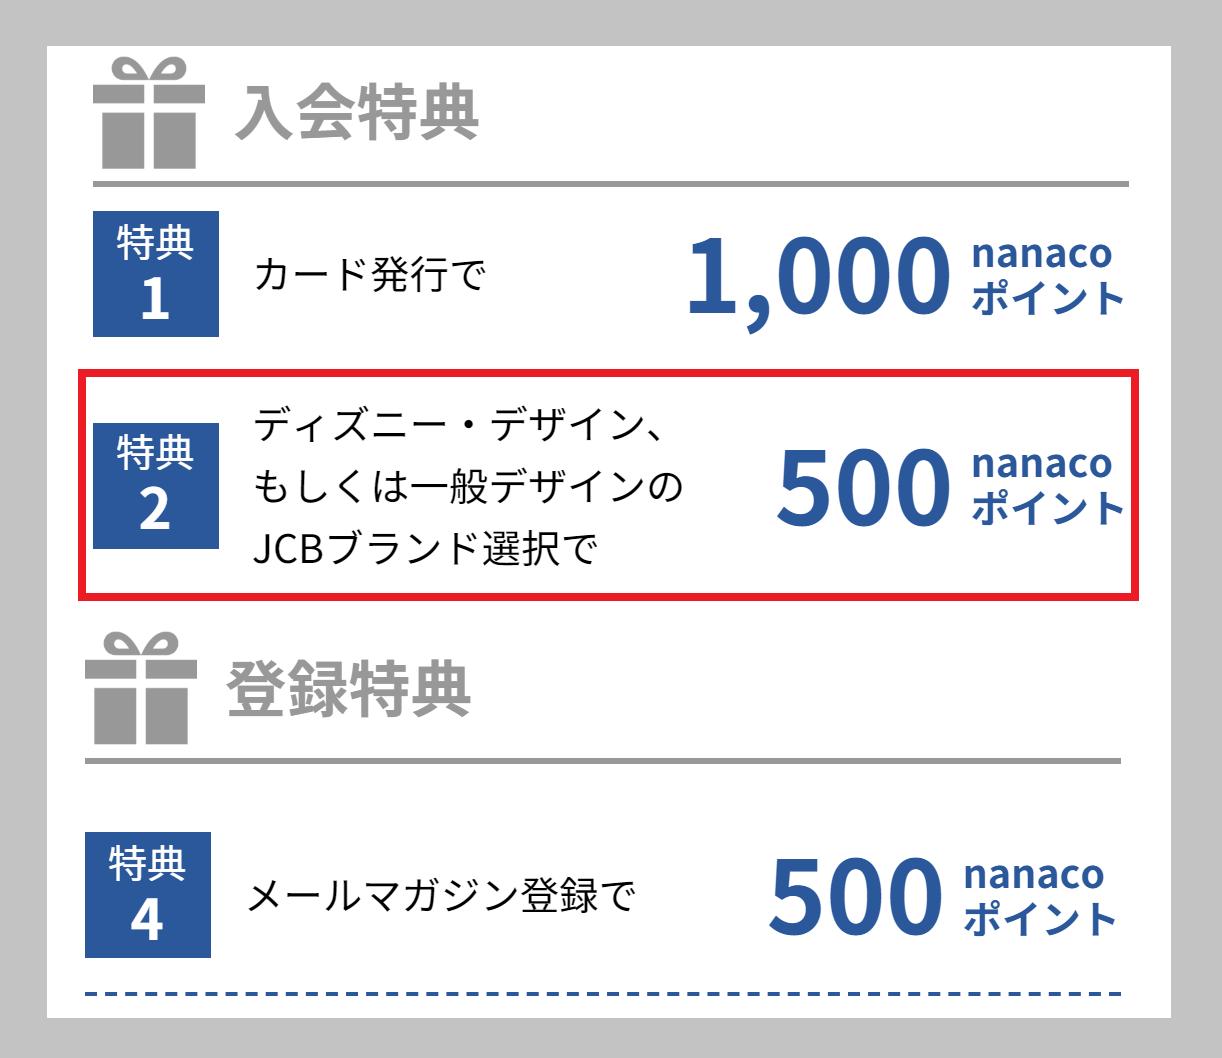 セブンカード・プラスはJCBブランド限定で入会特典が追加されている時期も